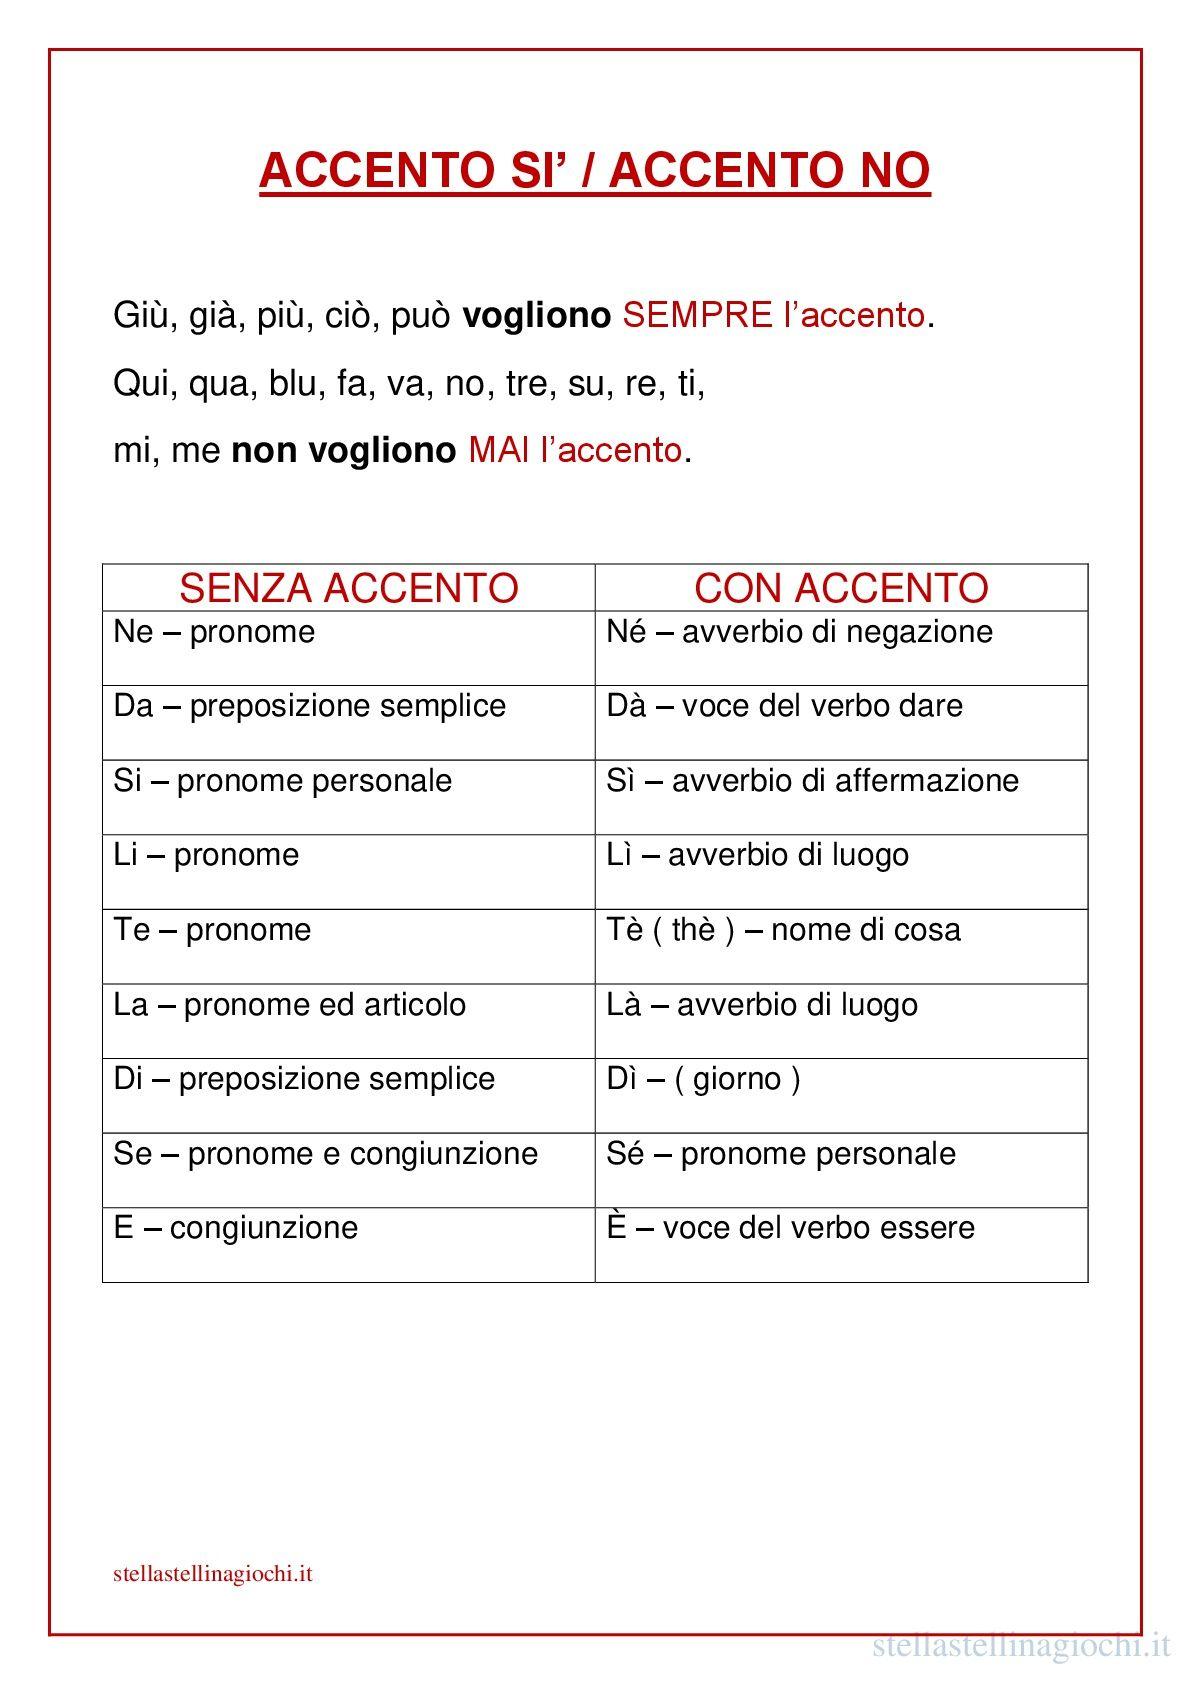 Schede Didattiche Di Italiano Accento Sì Accento No Sul Blog